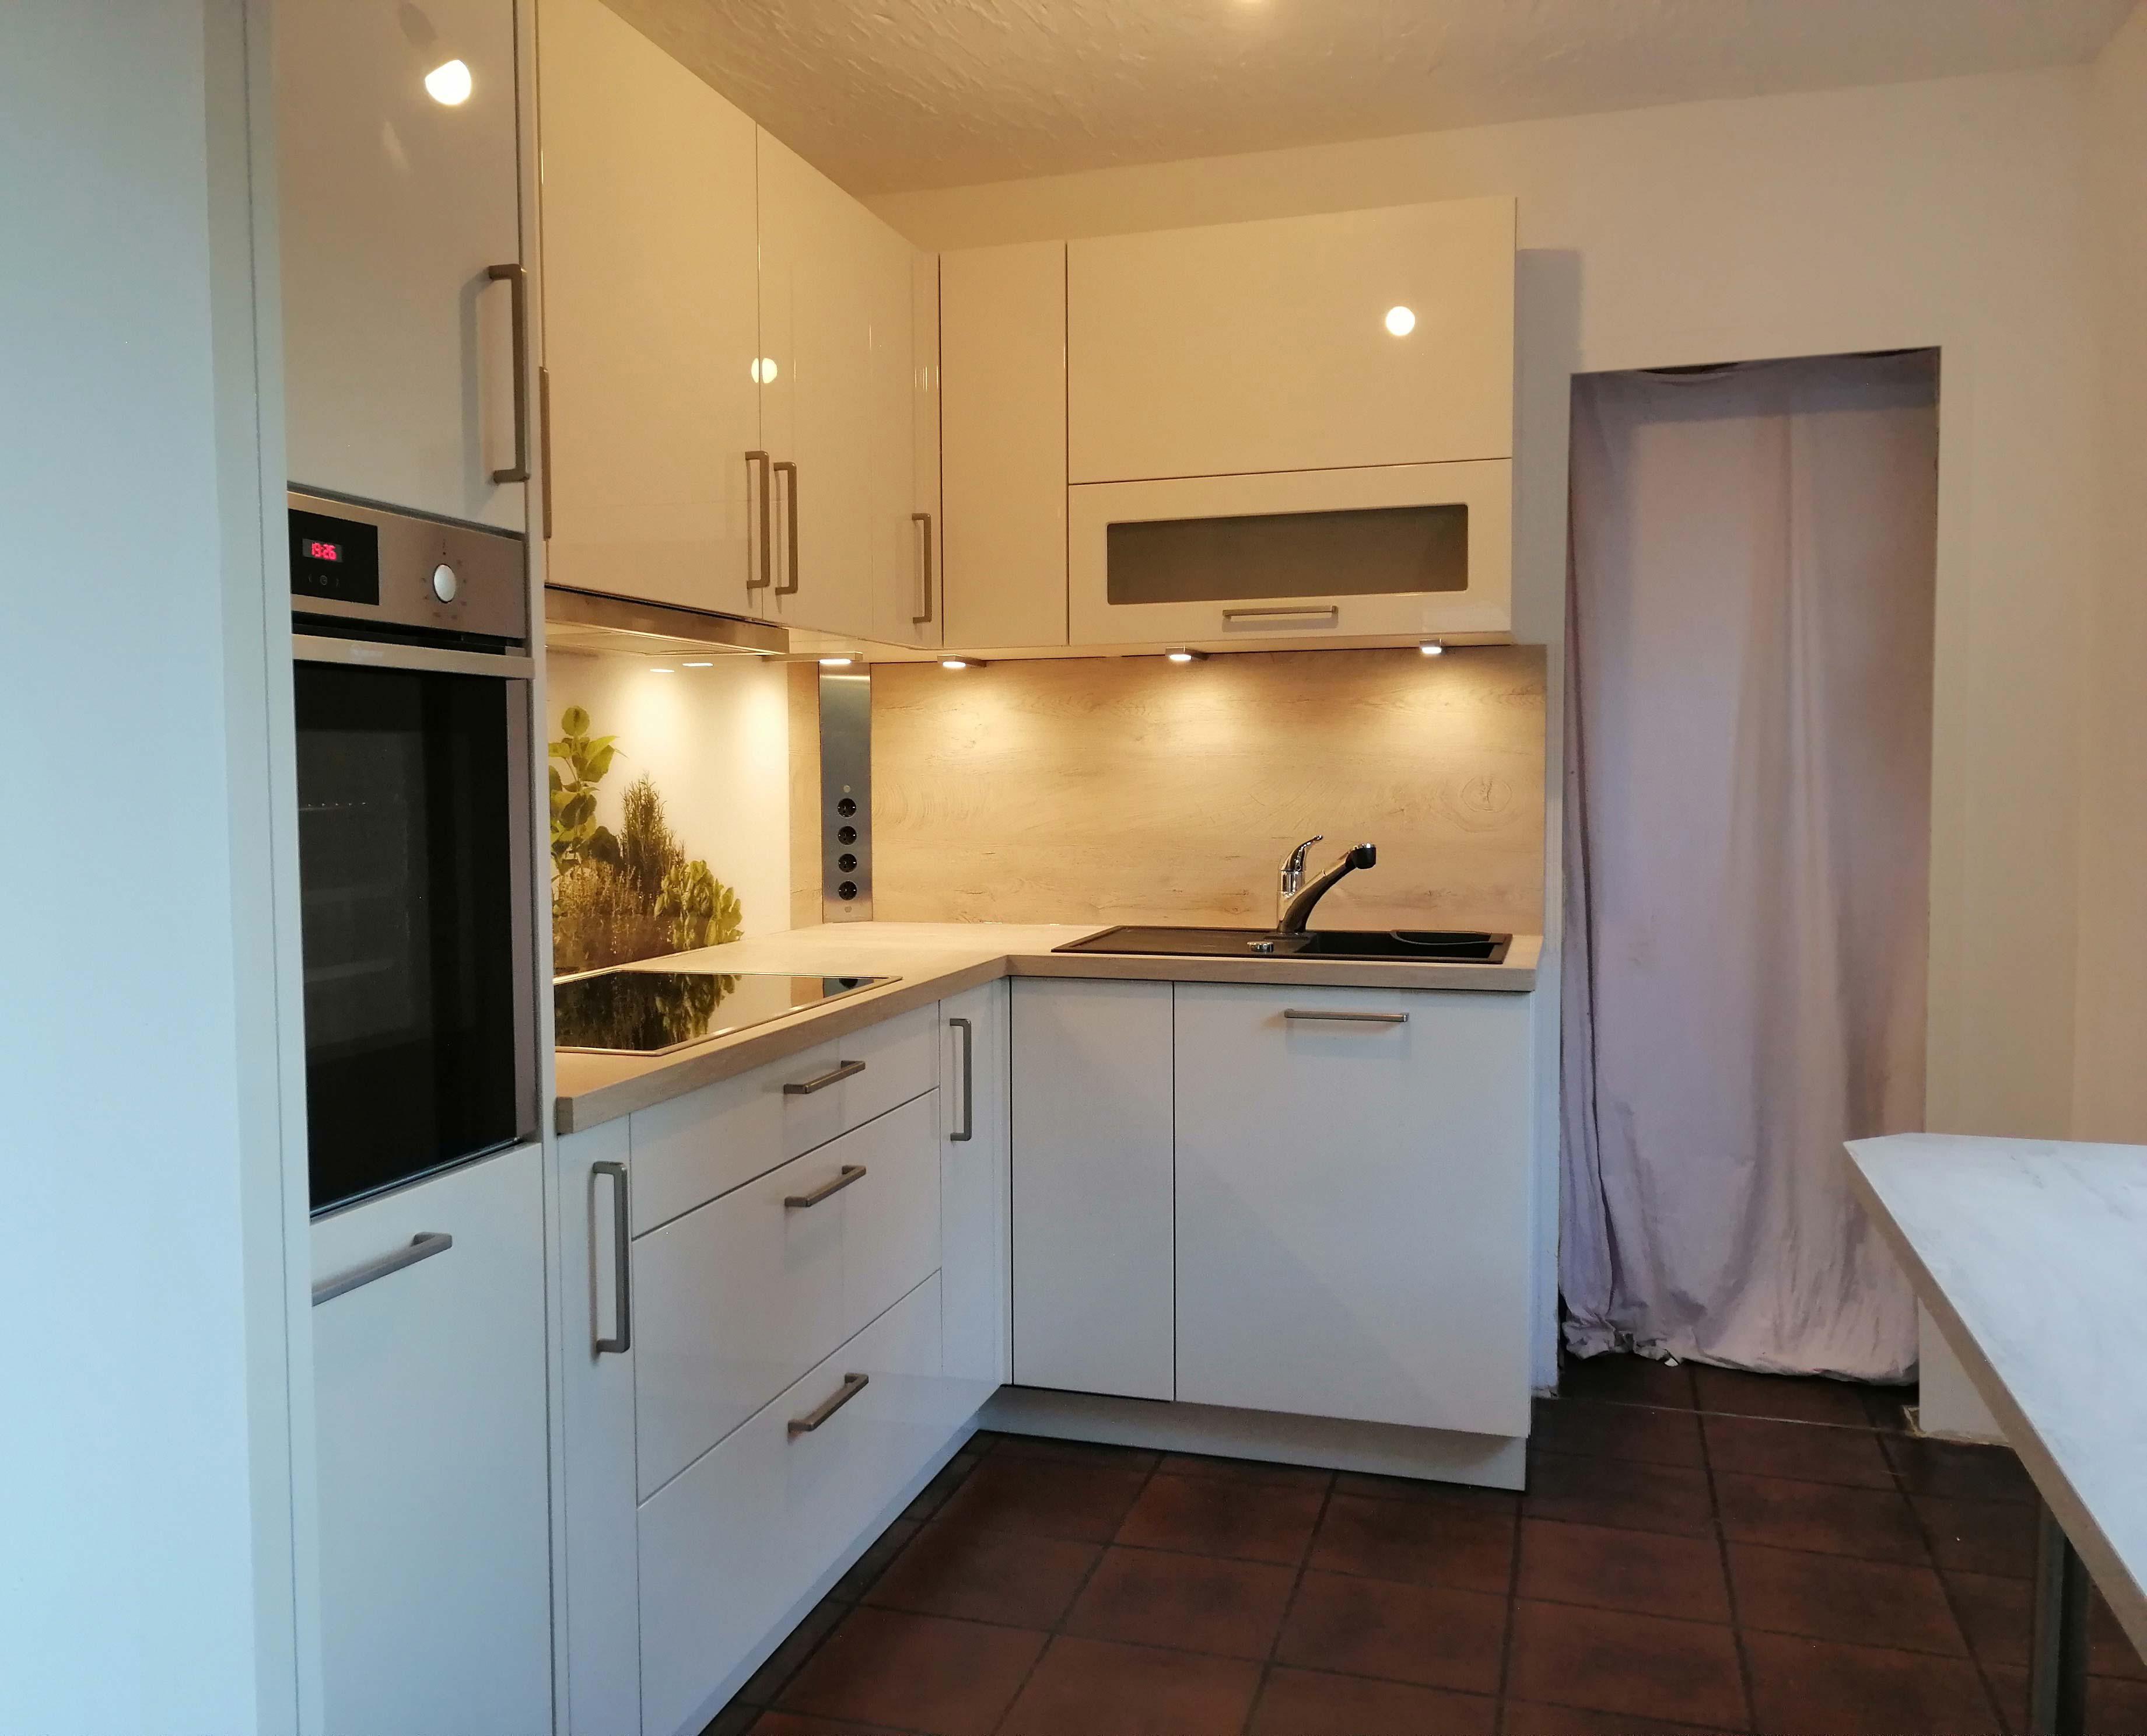 Tischlermeister Blumenstock - Aufbau hochwertige Küche